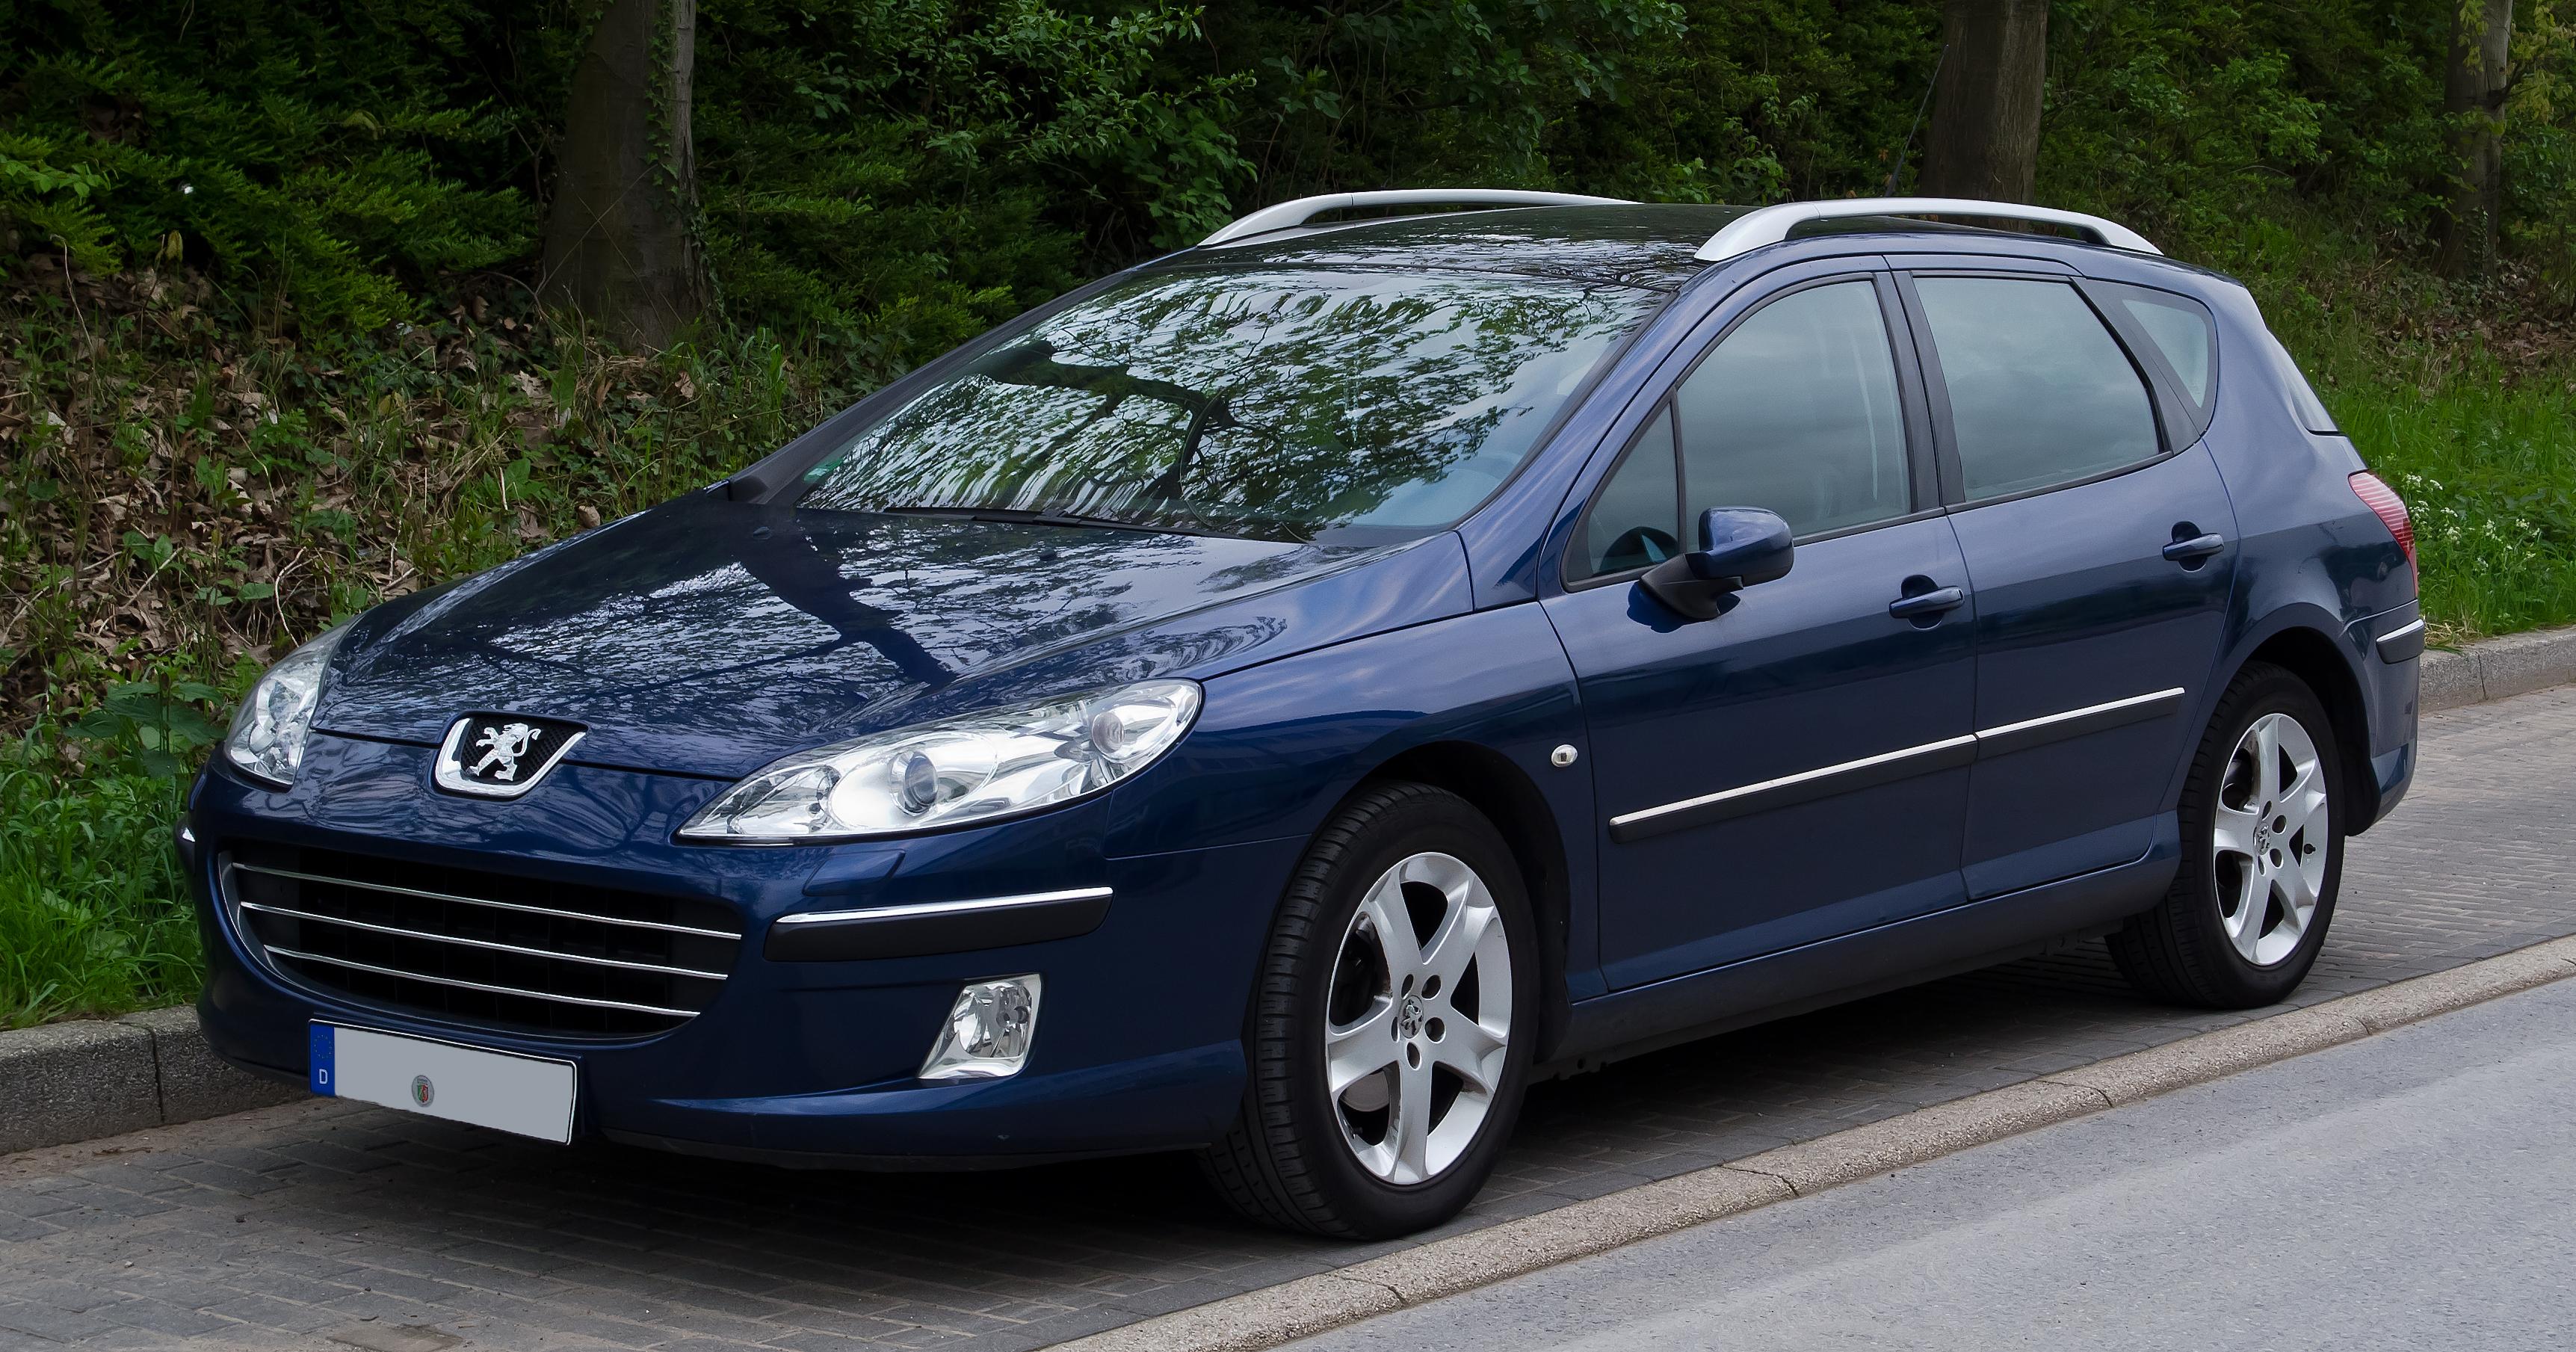 Suzuki Tire Size >> Peugeot 407 SW 1.8 i 16V (116 Hp)